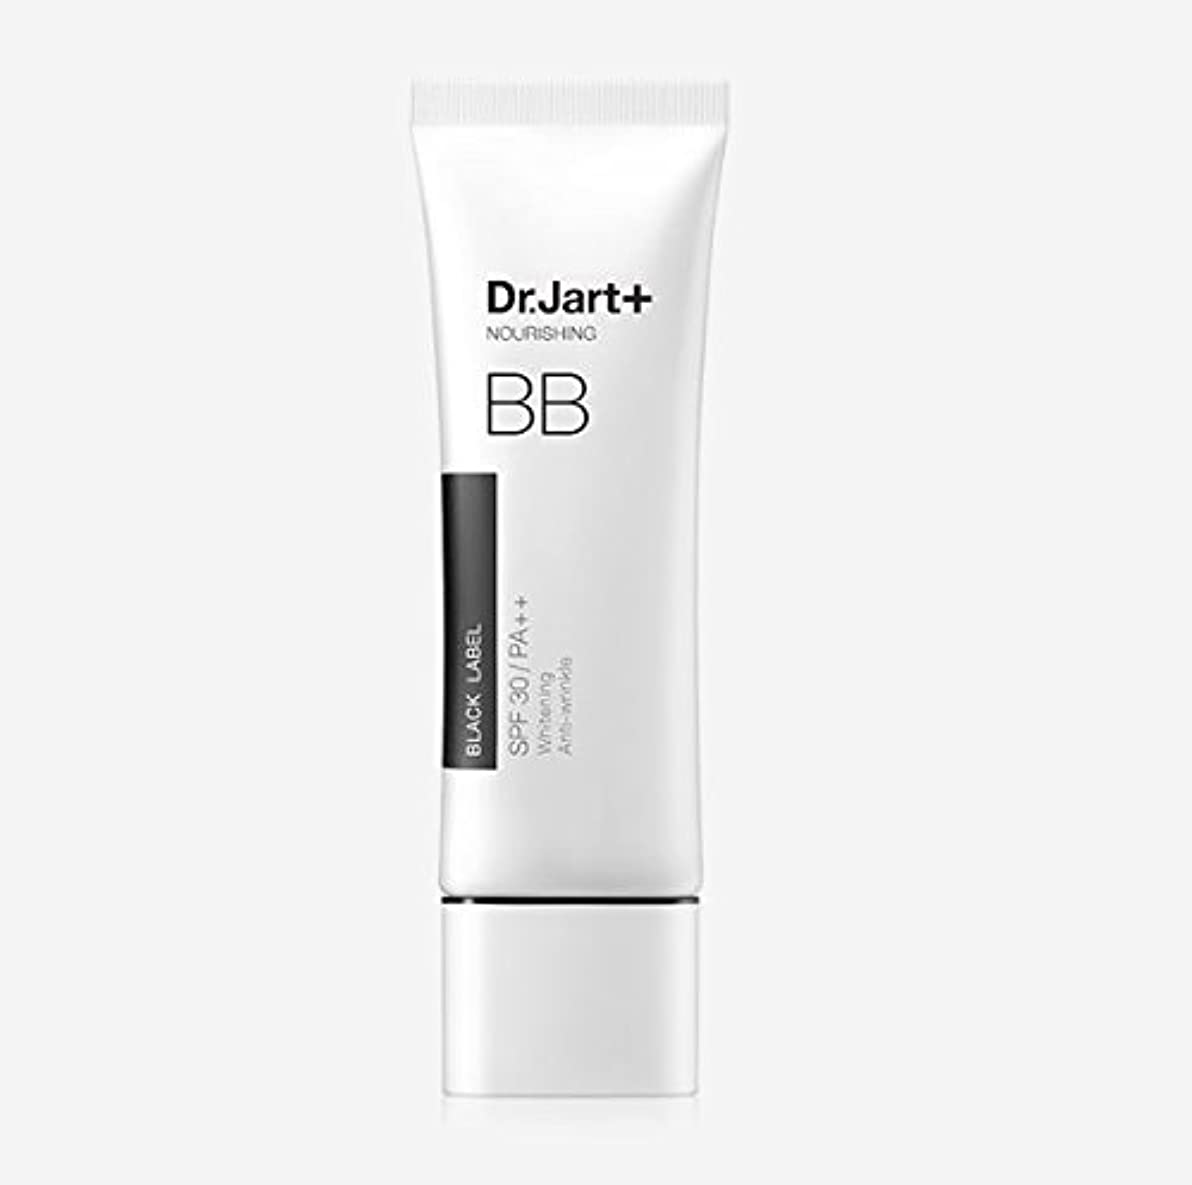 カード中央値登る[Dr. Jart] Black Label BB Nourishing Beauty Balm 50ml SPF30 PA++/[ドクタージャルト] ブラックラベル BB ナリーシン ビューティー バーム 50ml SPF30...